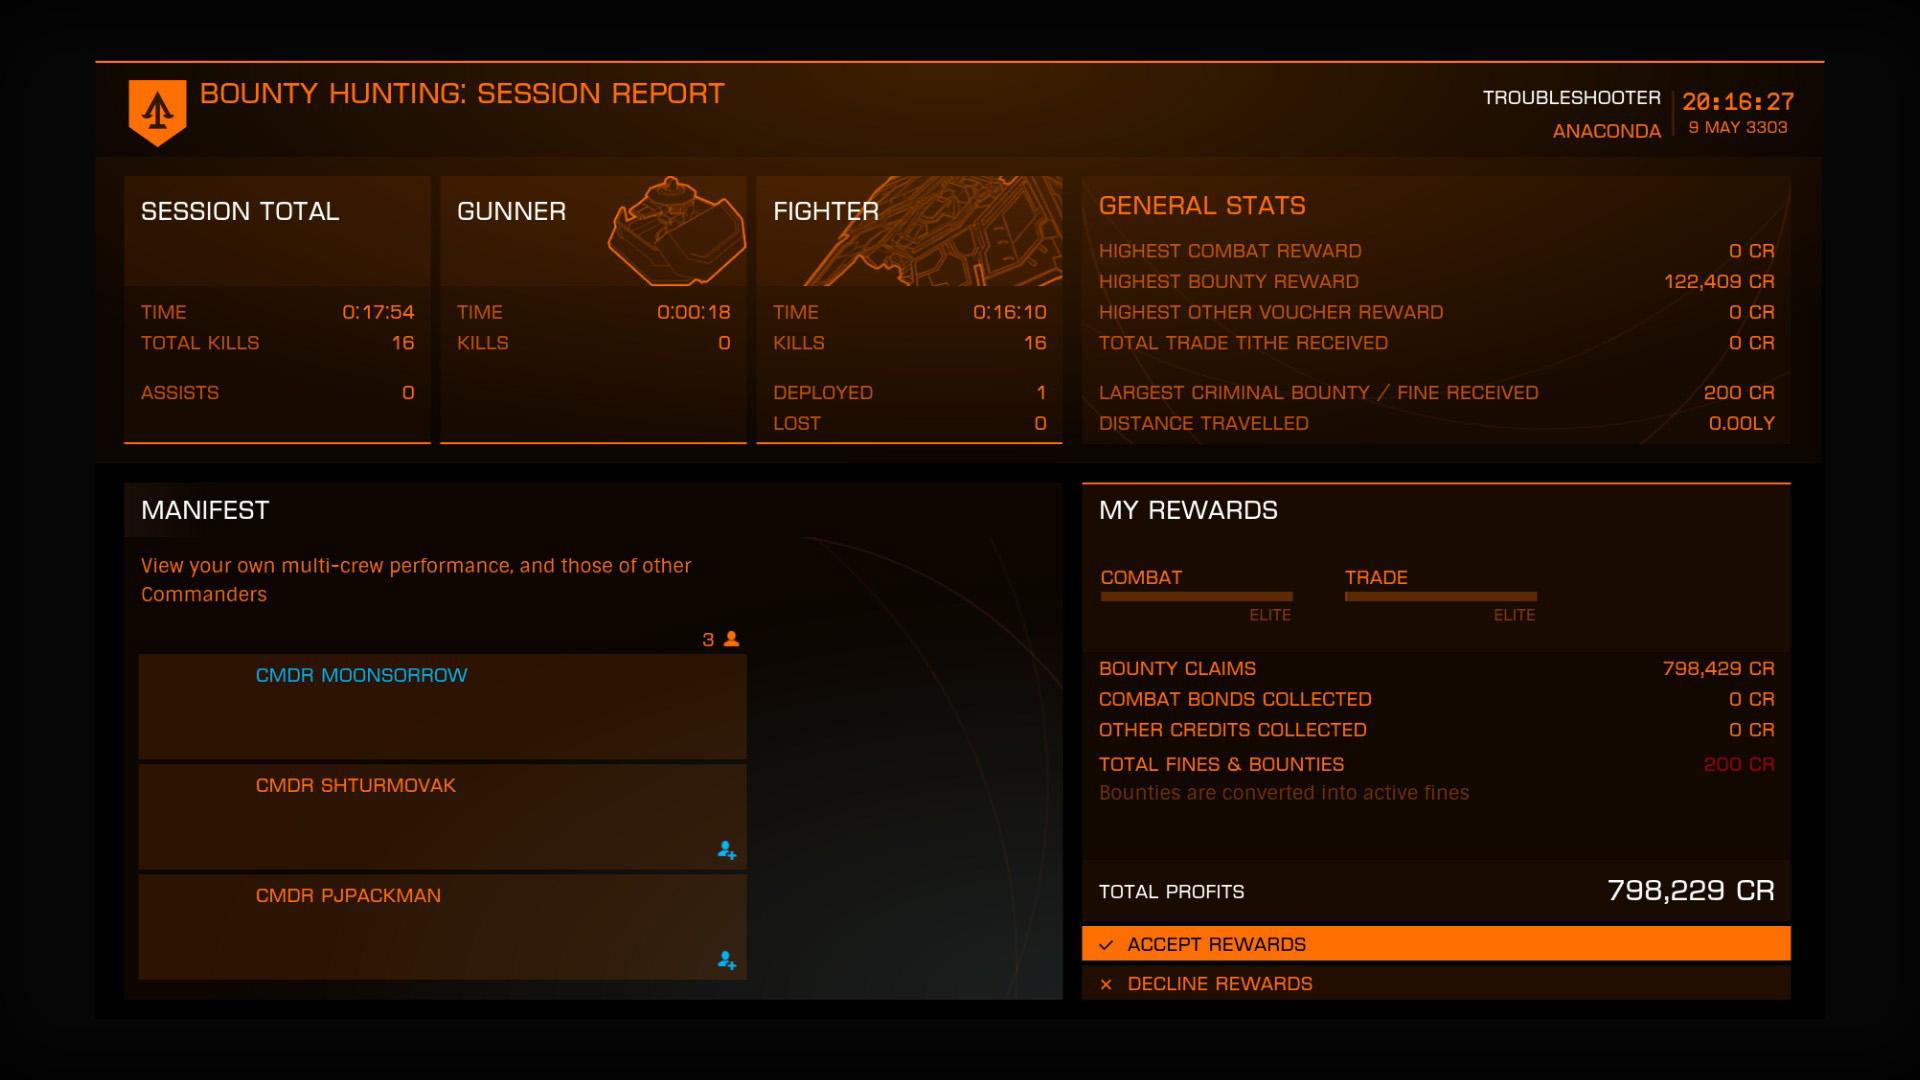 Multi-crew report